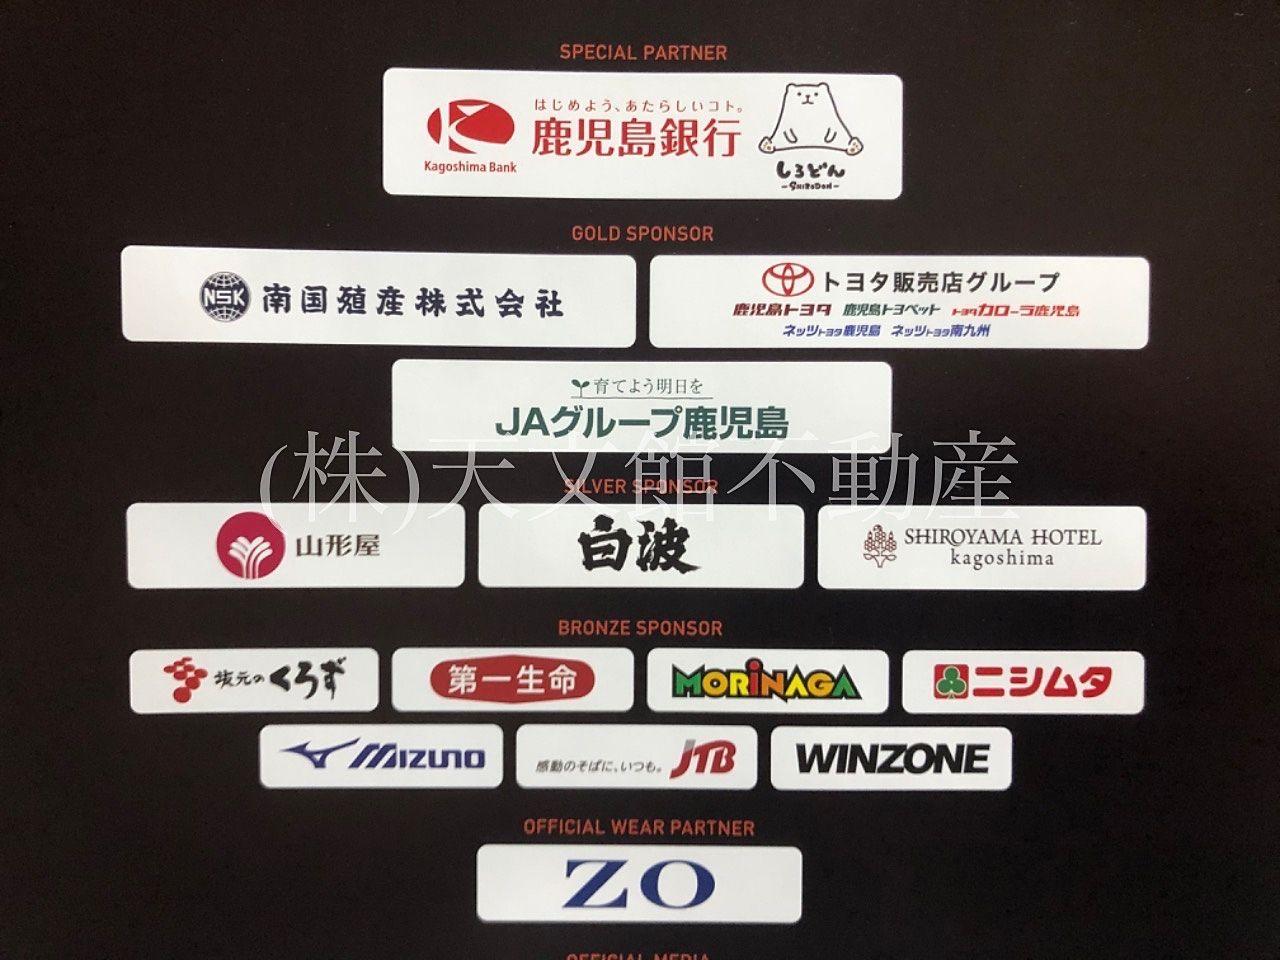 鹿児島マラソンのスポンサーは有名な大きな会社が多いですね。